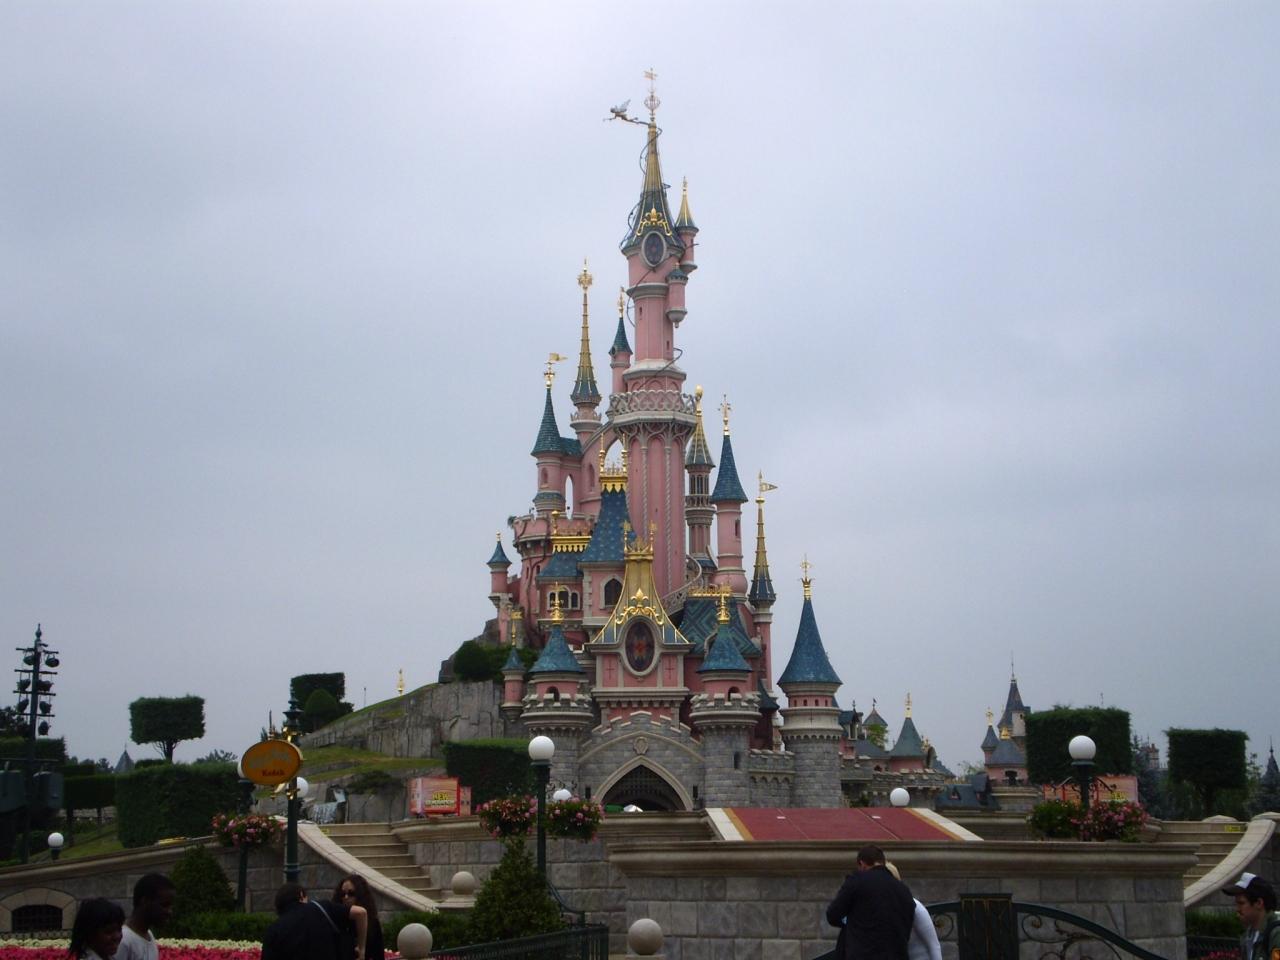 ディズニーランドパリの旅』ディズニーランド・リゾート・パリ周辺